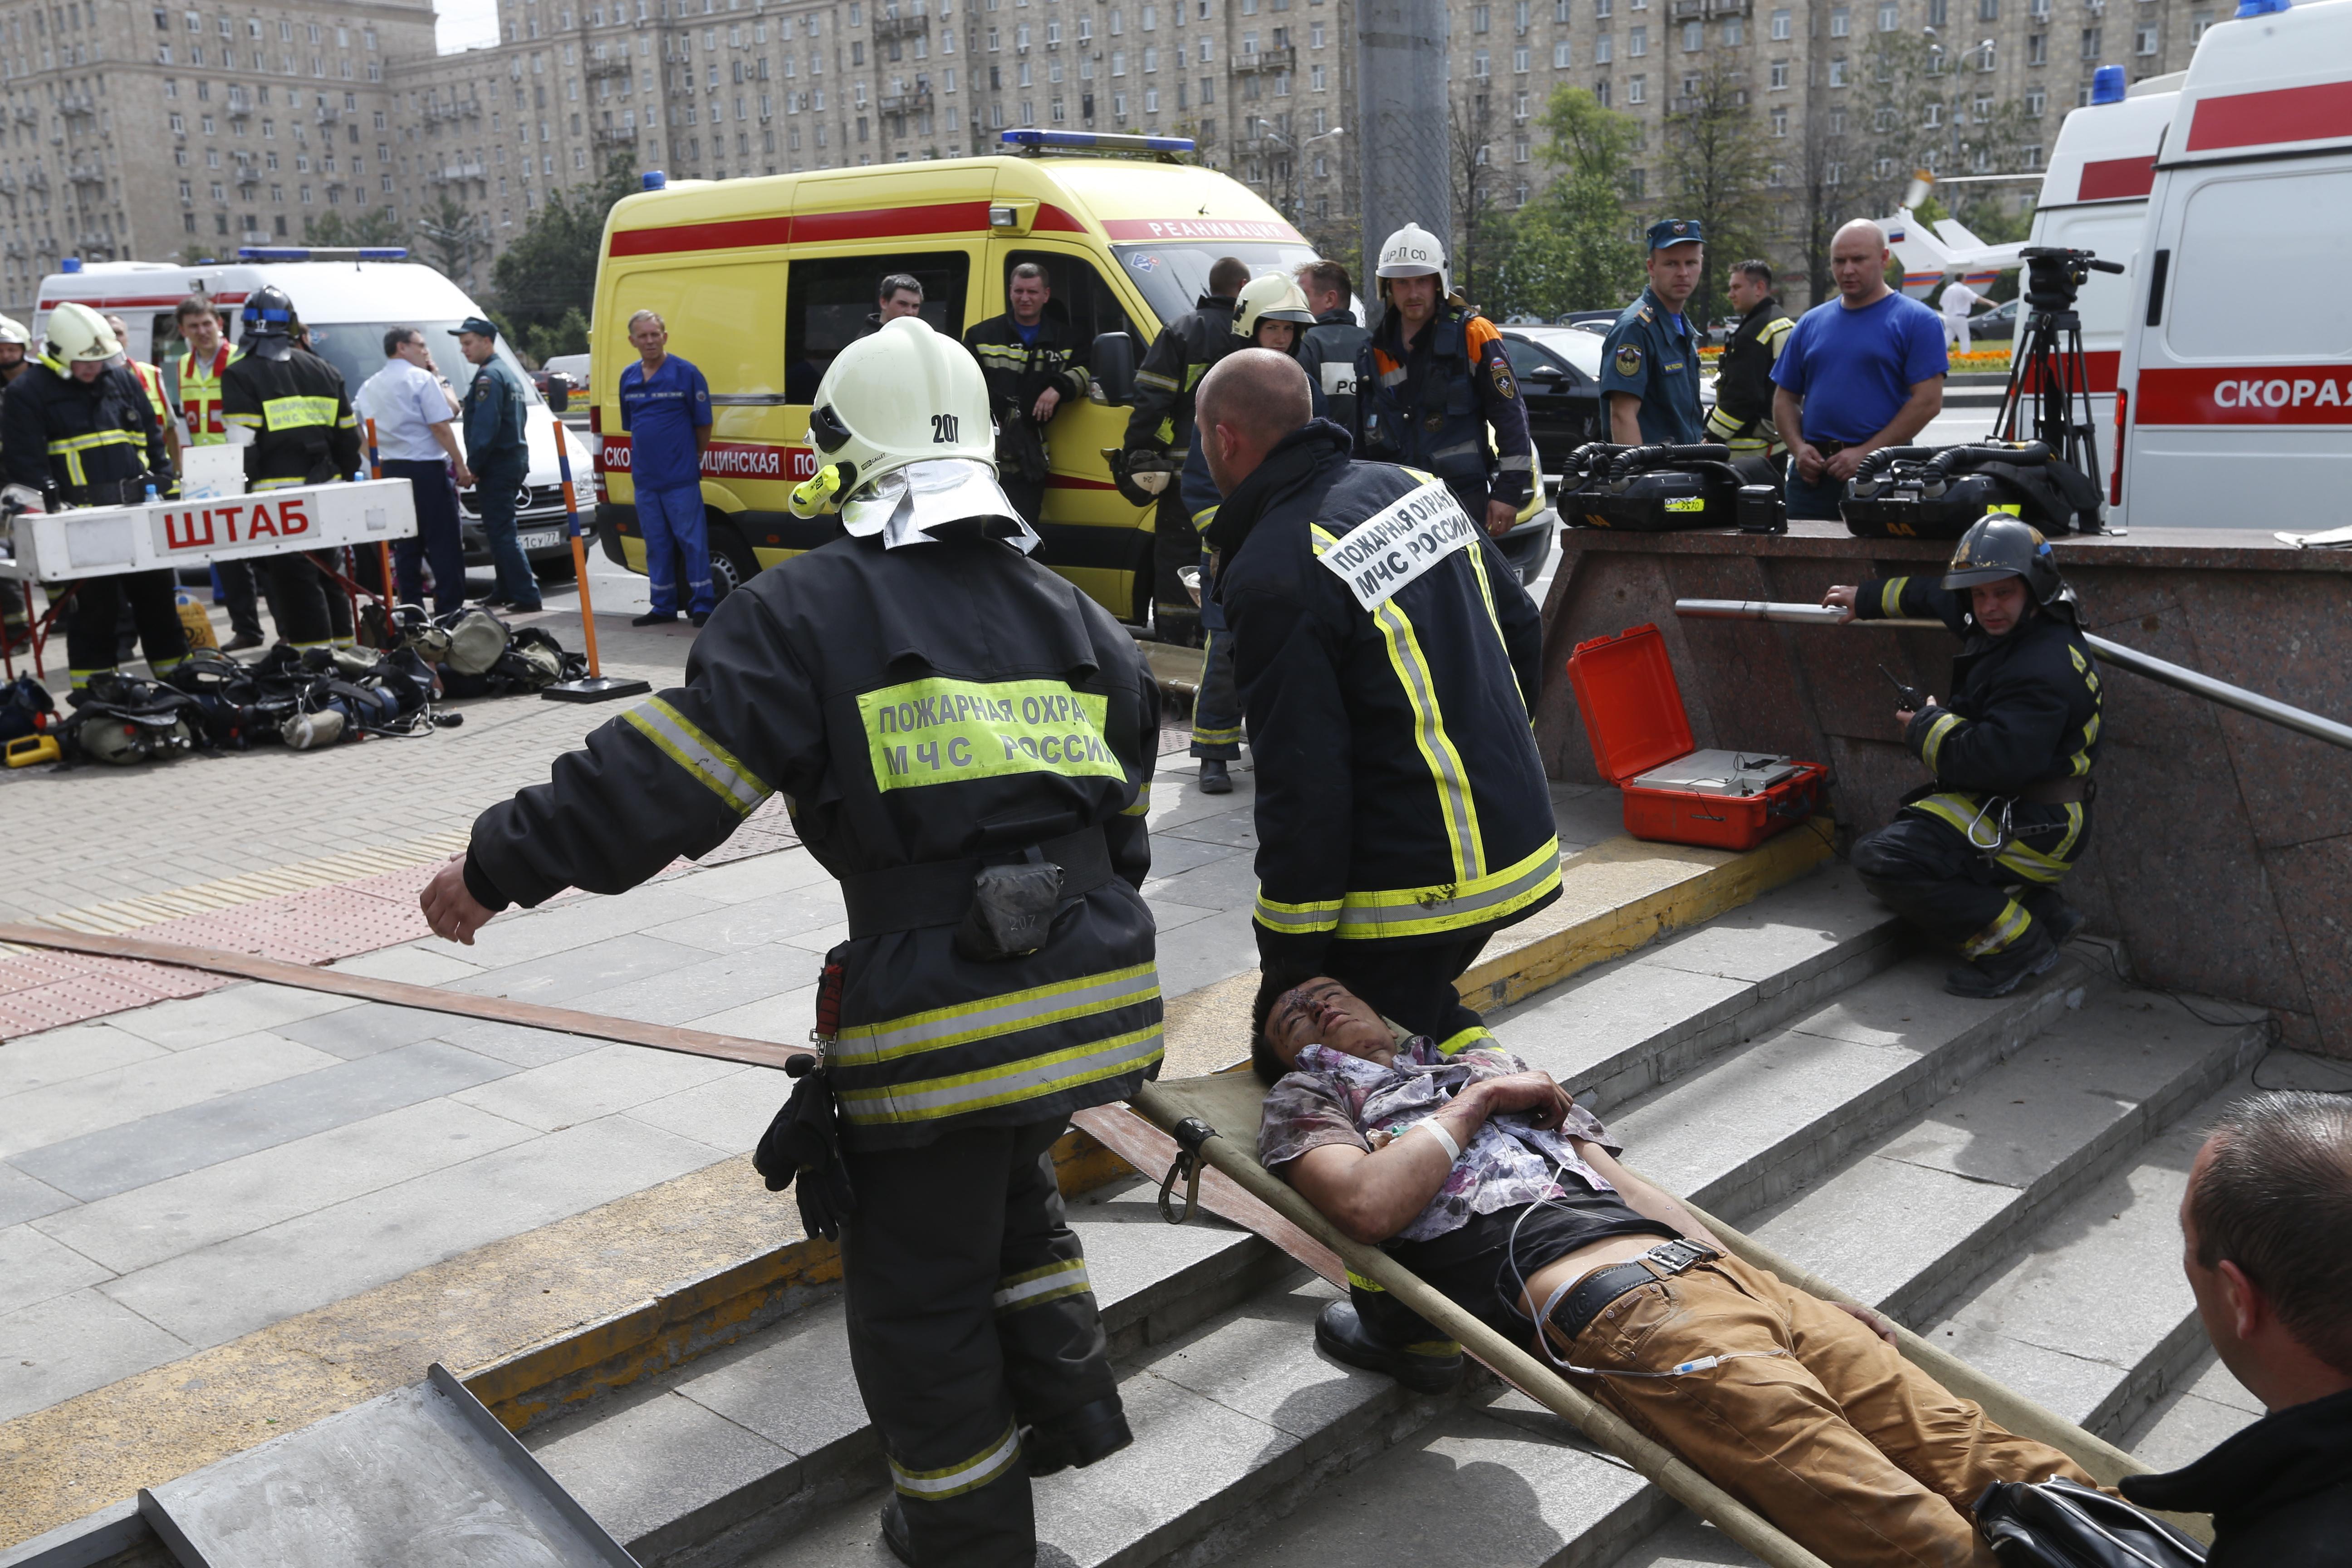 Эвакуация пострадавших в результате аварии в метро